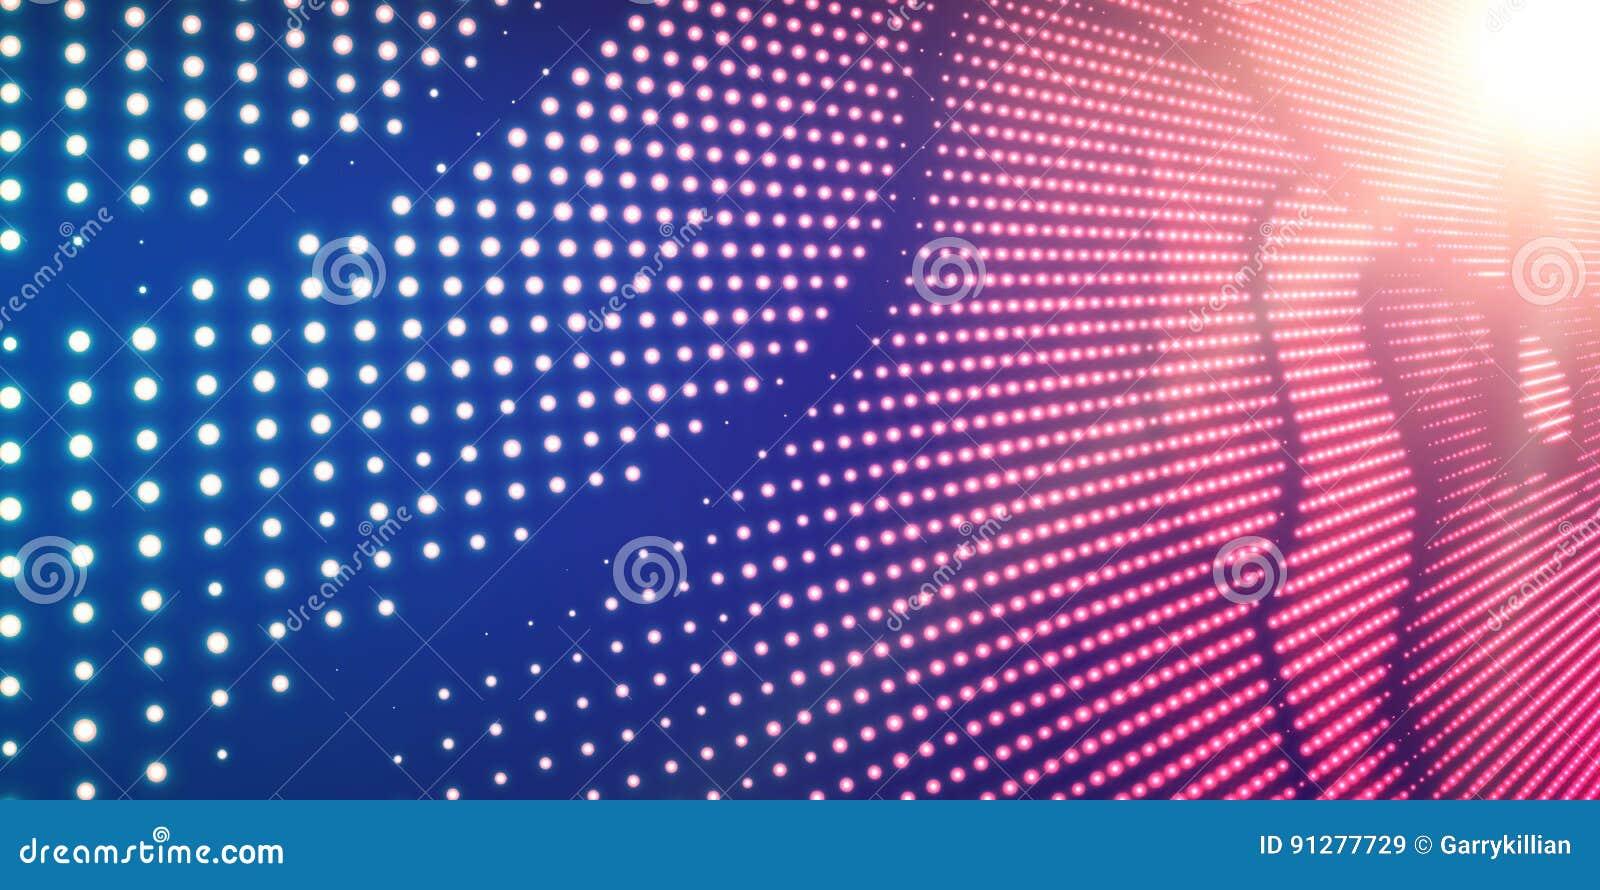 Violett bakgrund för abstrakt vektor med glänsande neonljus Neontecken med abstrakt bild i perspektiv